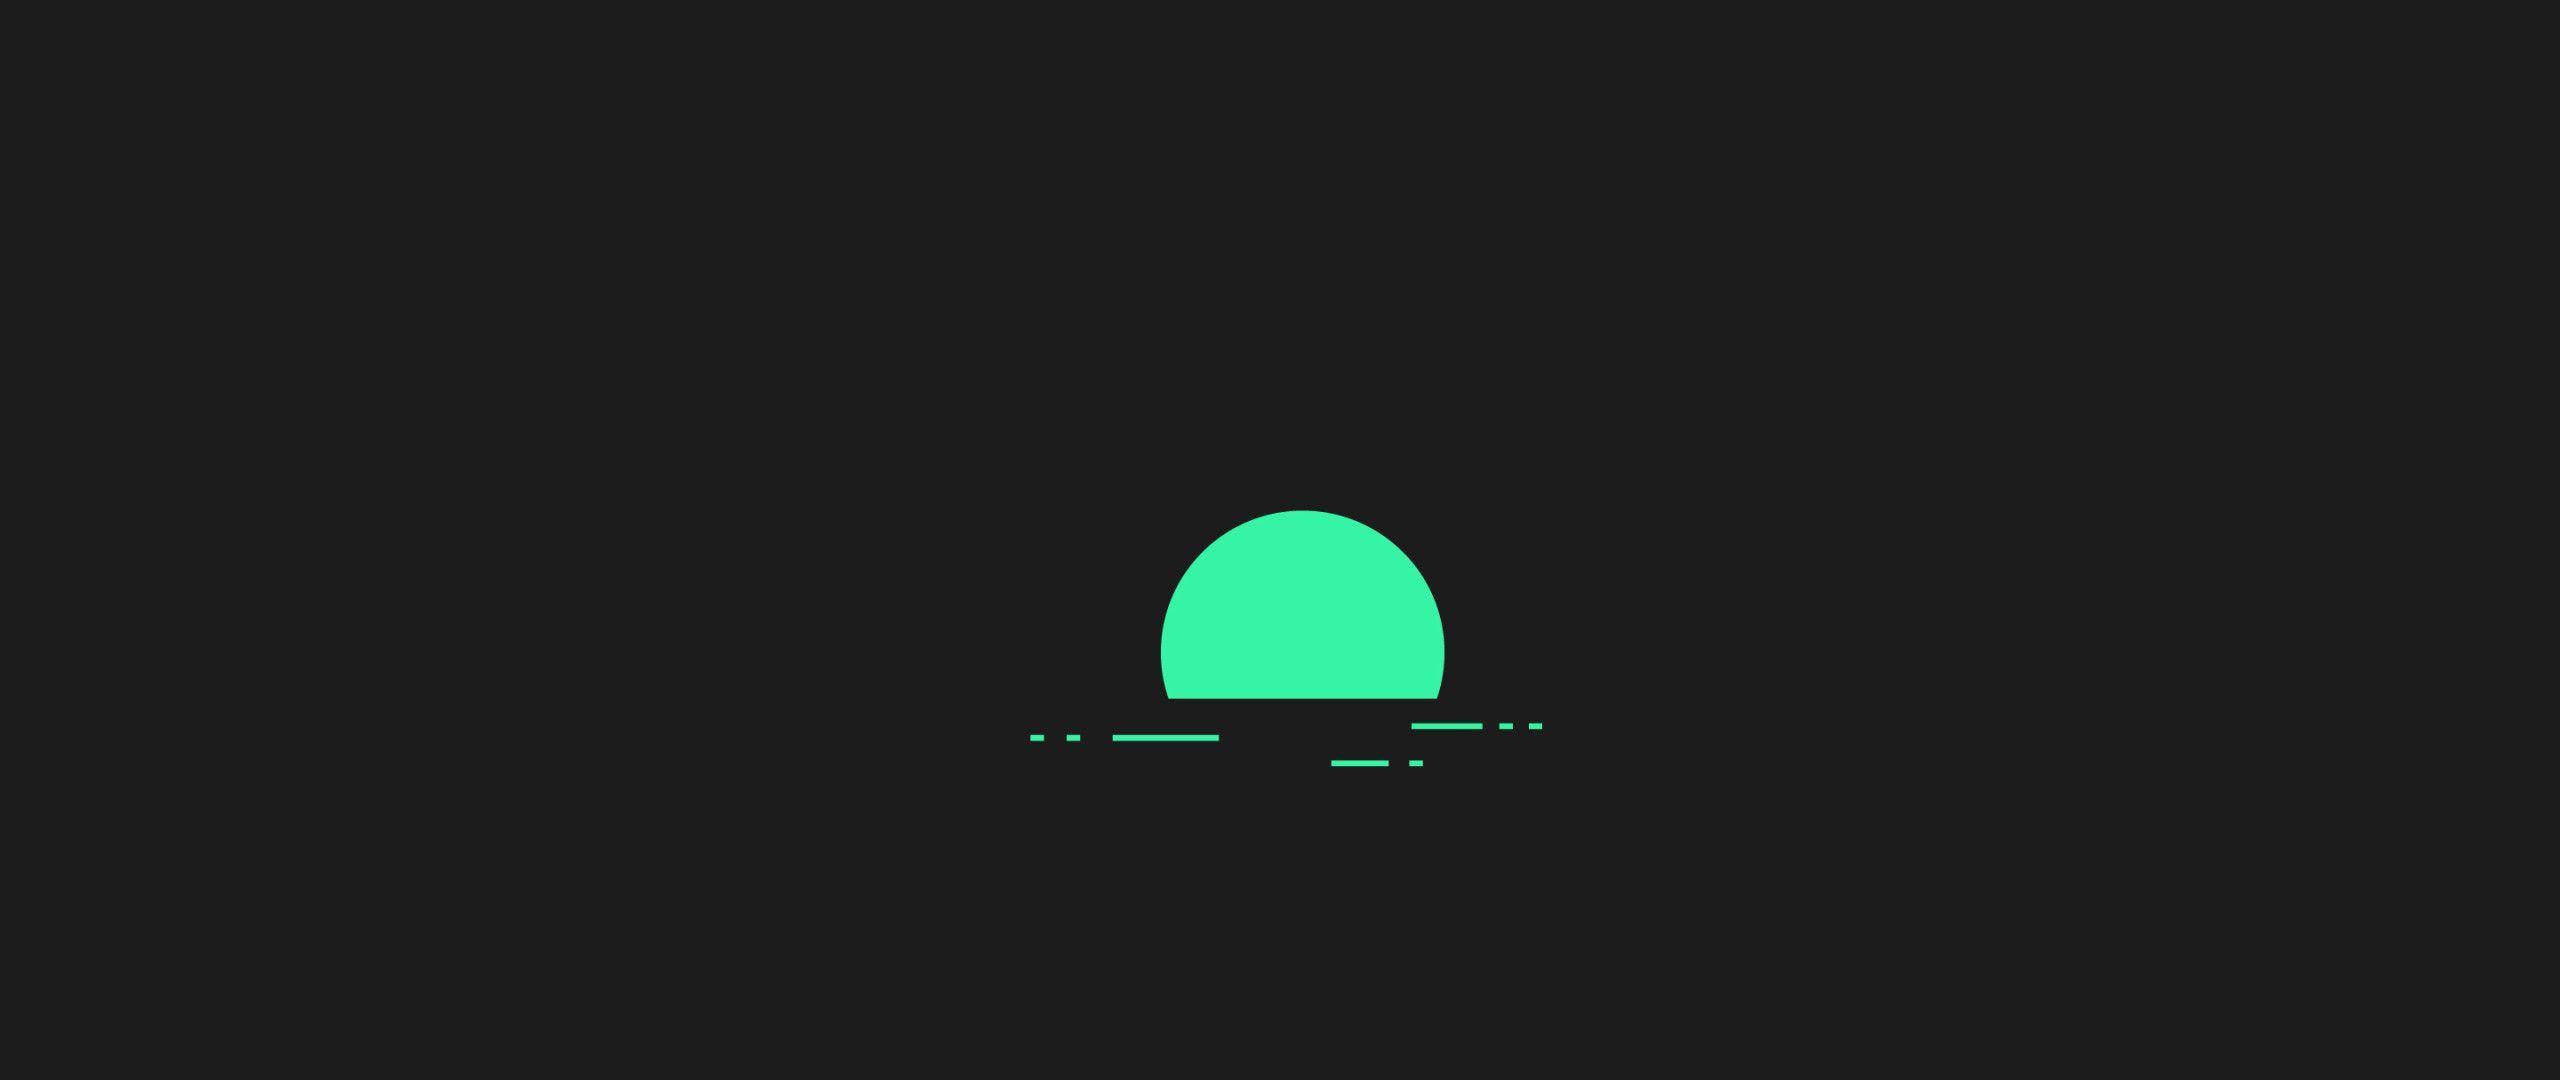 2560x1080 Minimalism Green Sunset 2560x1080 Resolution HD 4k